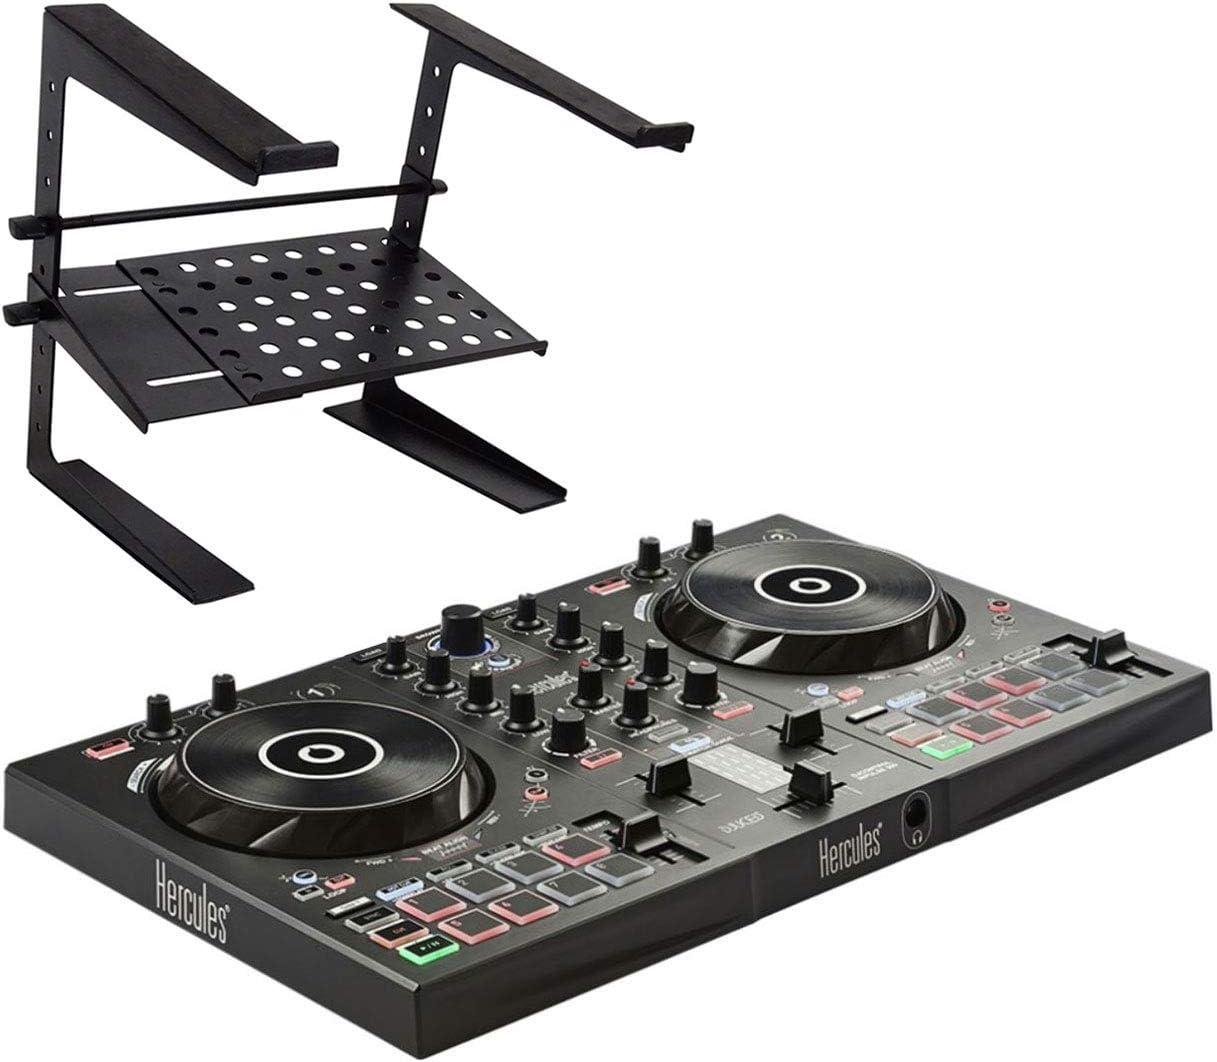 Hercules DJControl Inpulse 300 - Mesa de mezclas para DJ (incluye soporte Keepdrum HA-LS20): Amazon.es: Instrumentos musicales